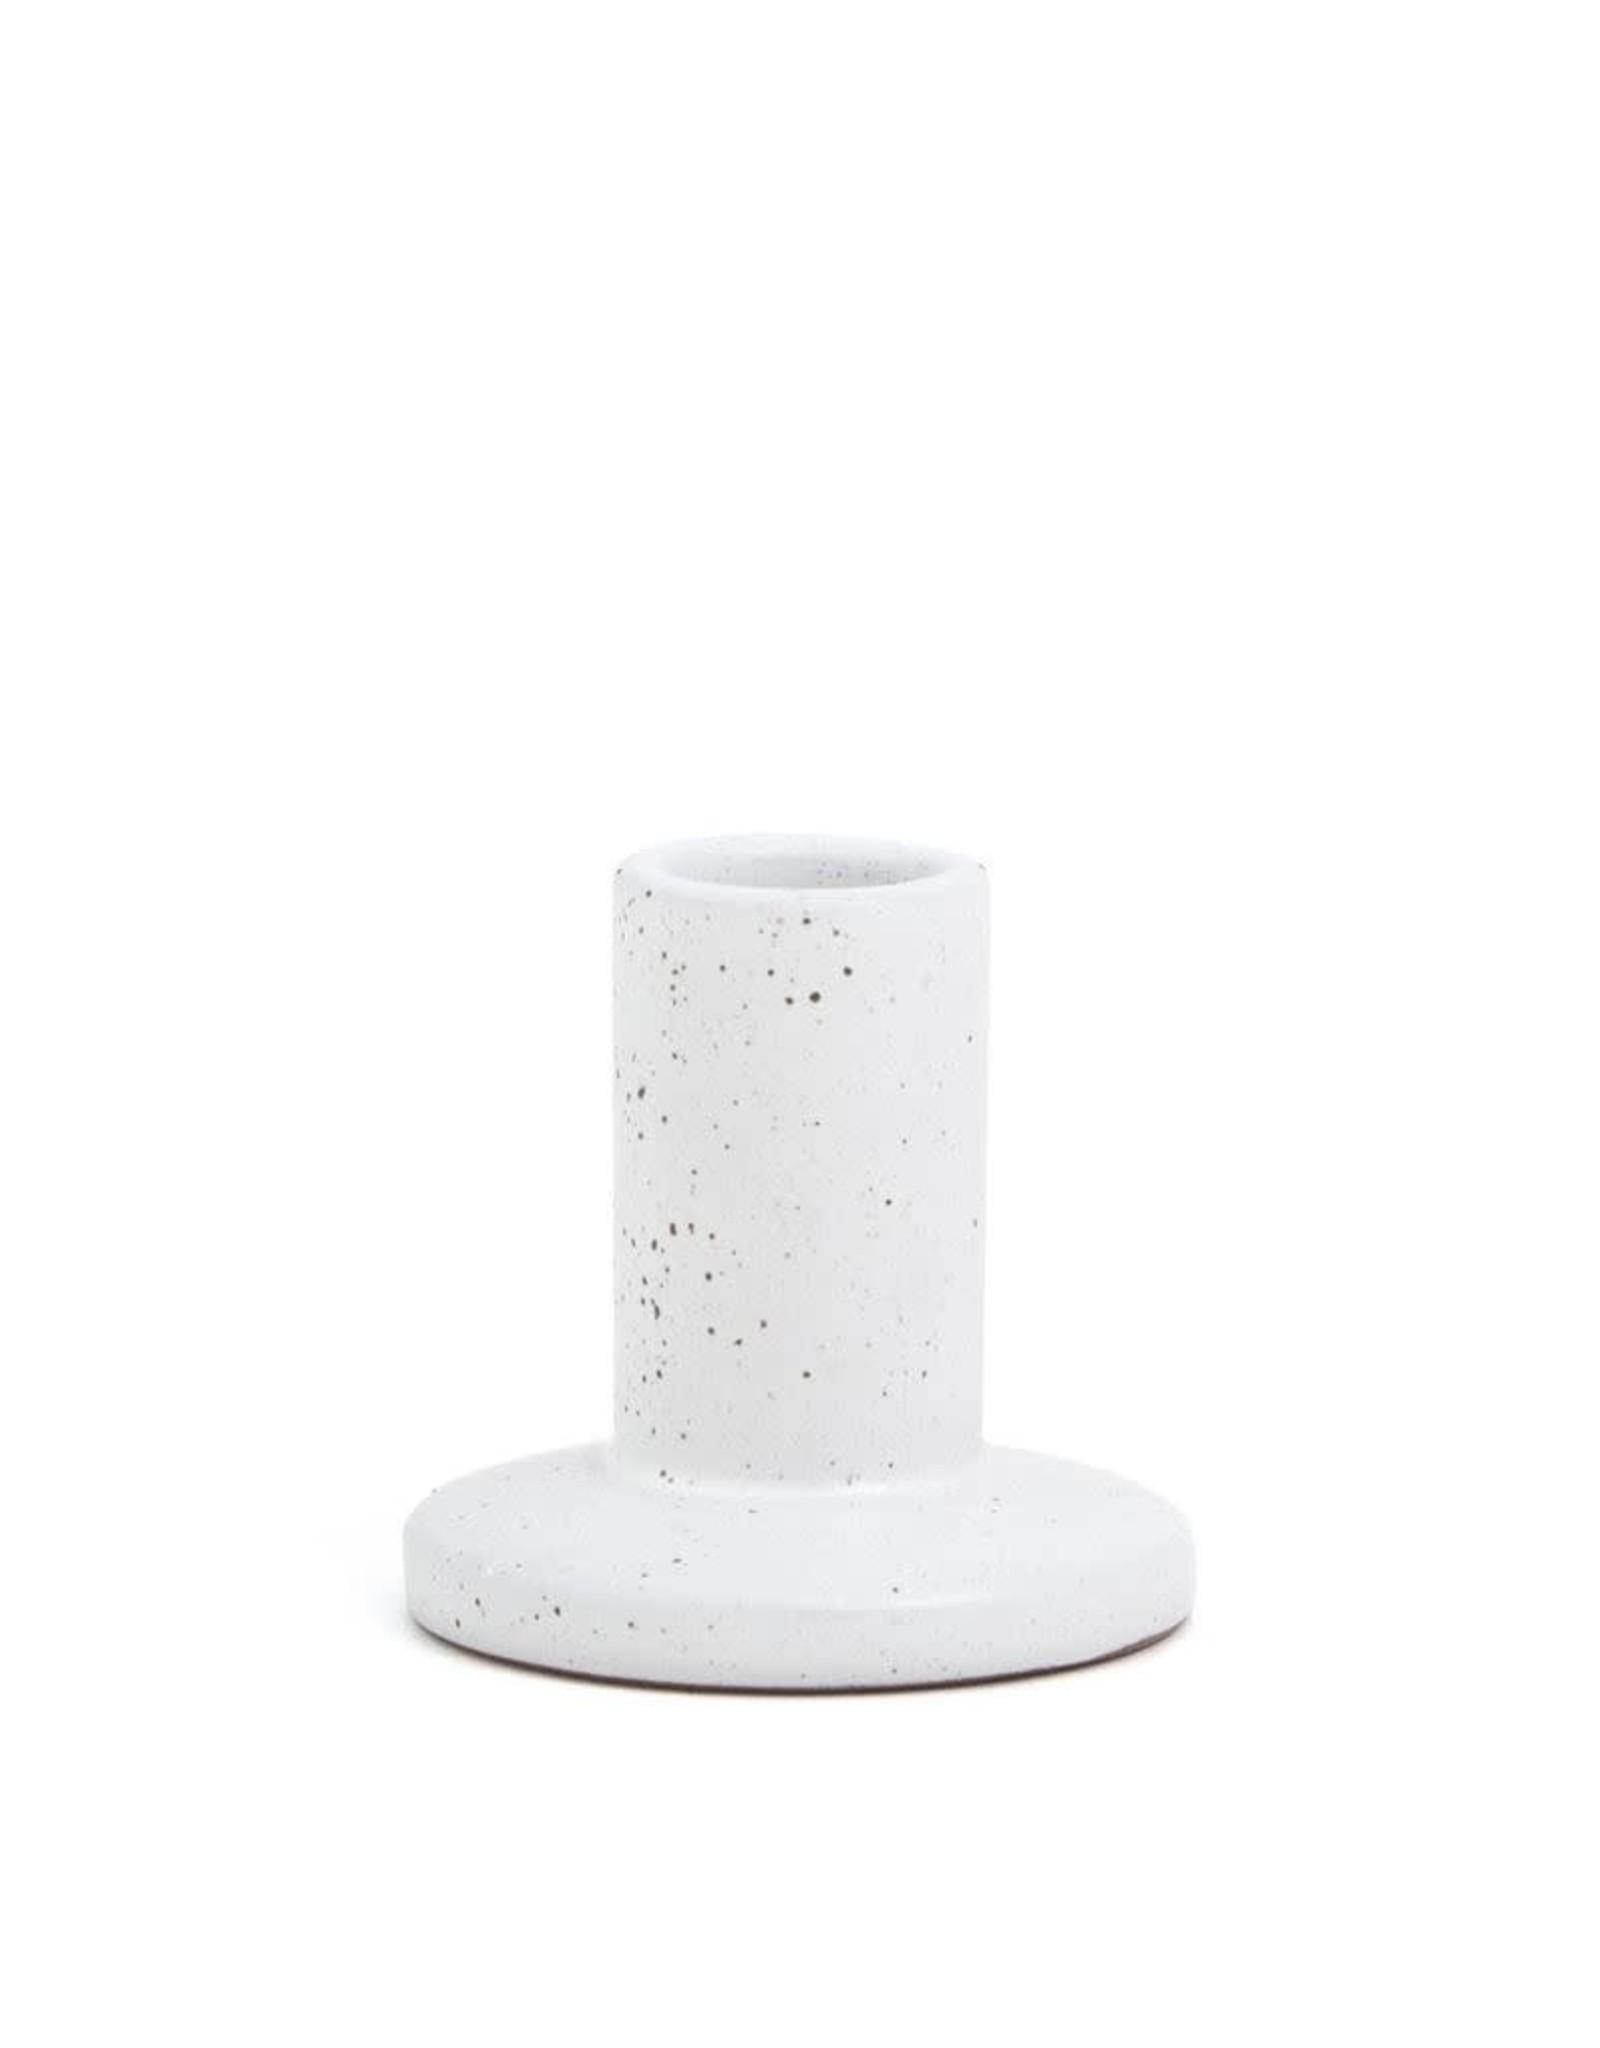 White Speckled Ceramic Taper Holder